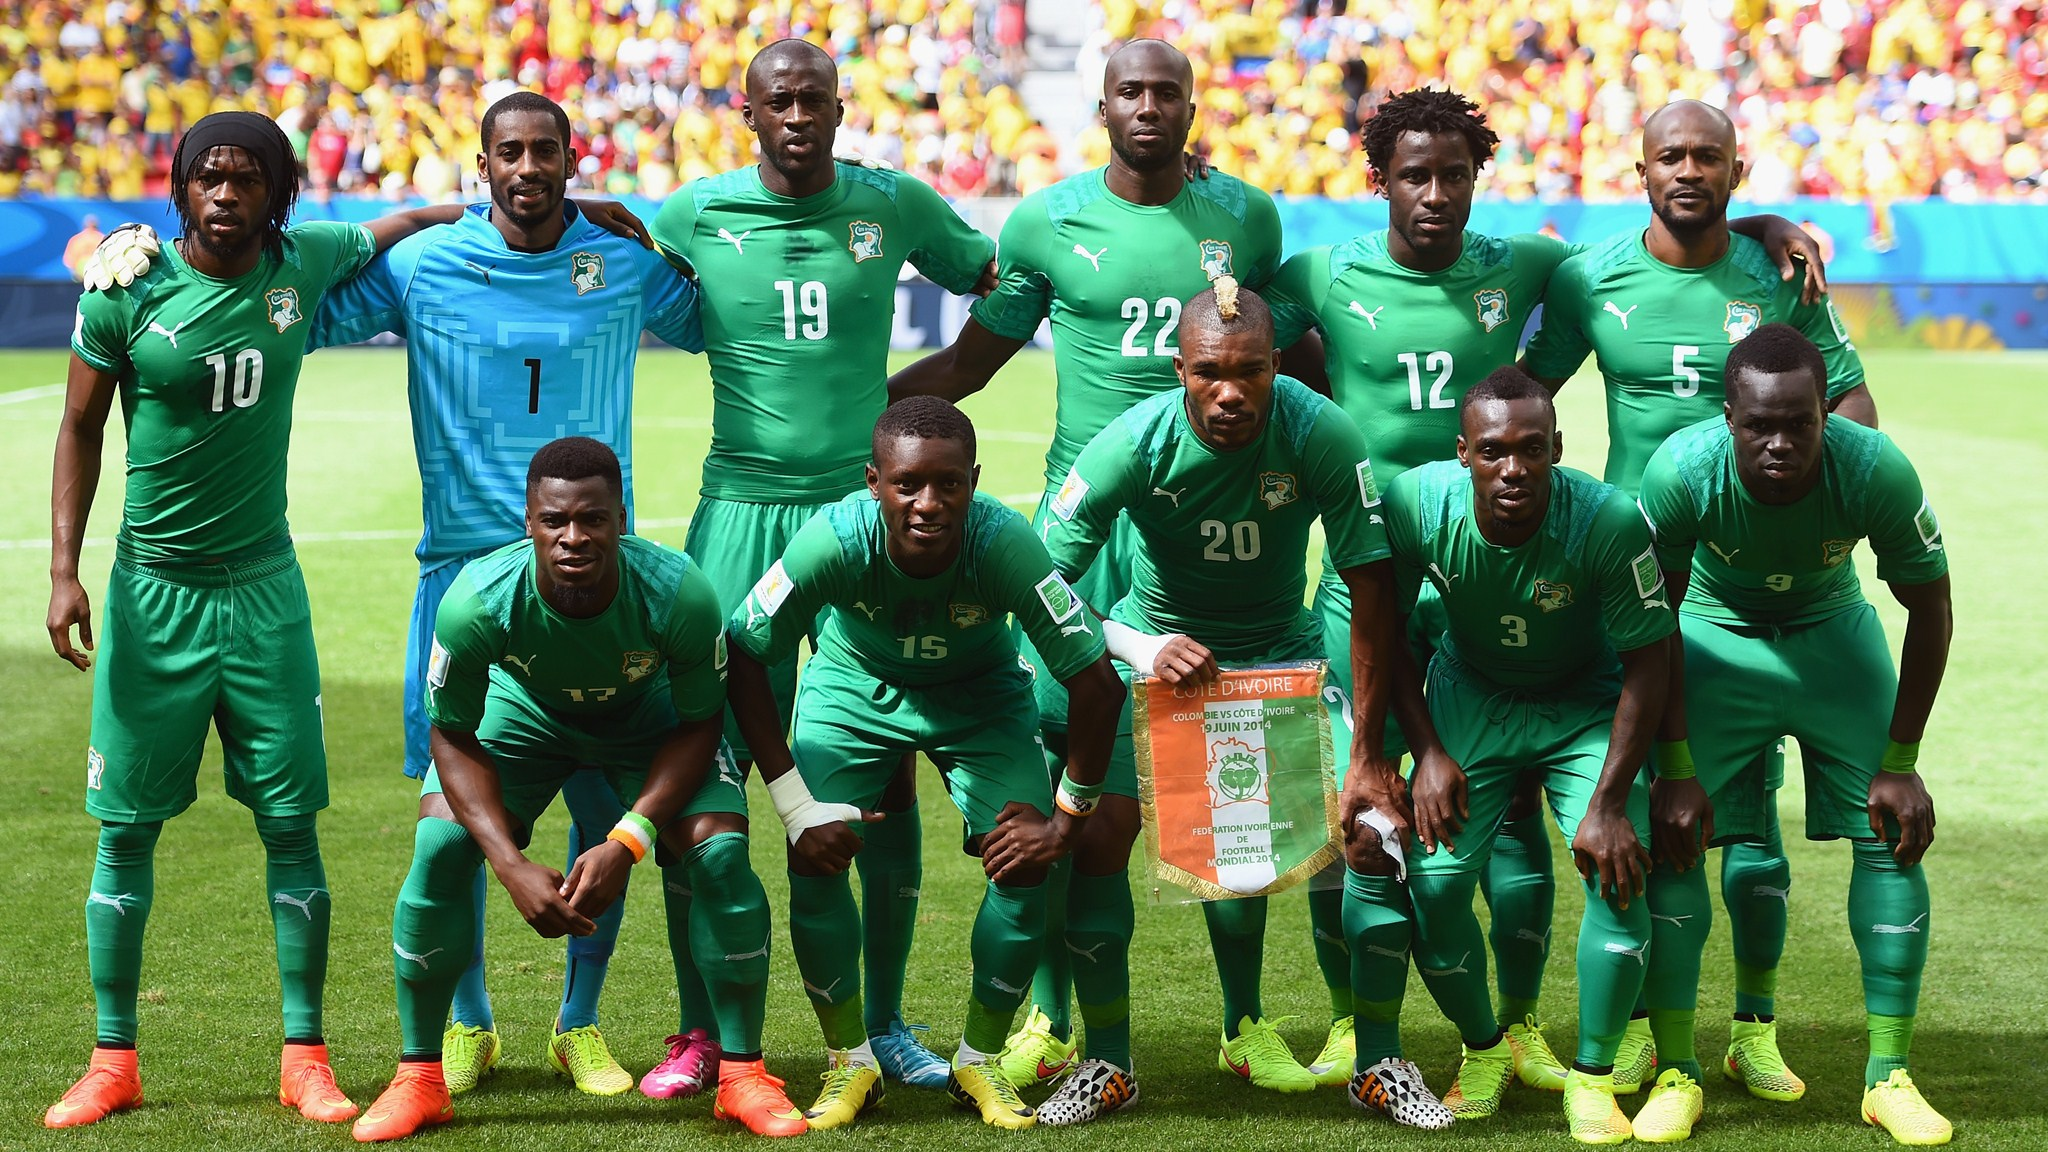 132 - Colombia-Côte d'Ivoire [2-1] -- 19 Jun 2014 - 13-00 - kuaza